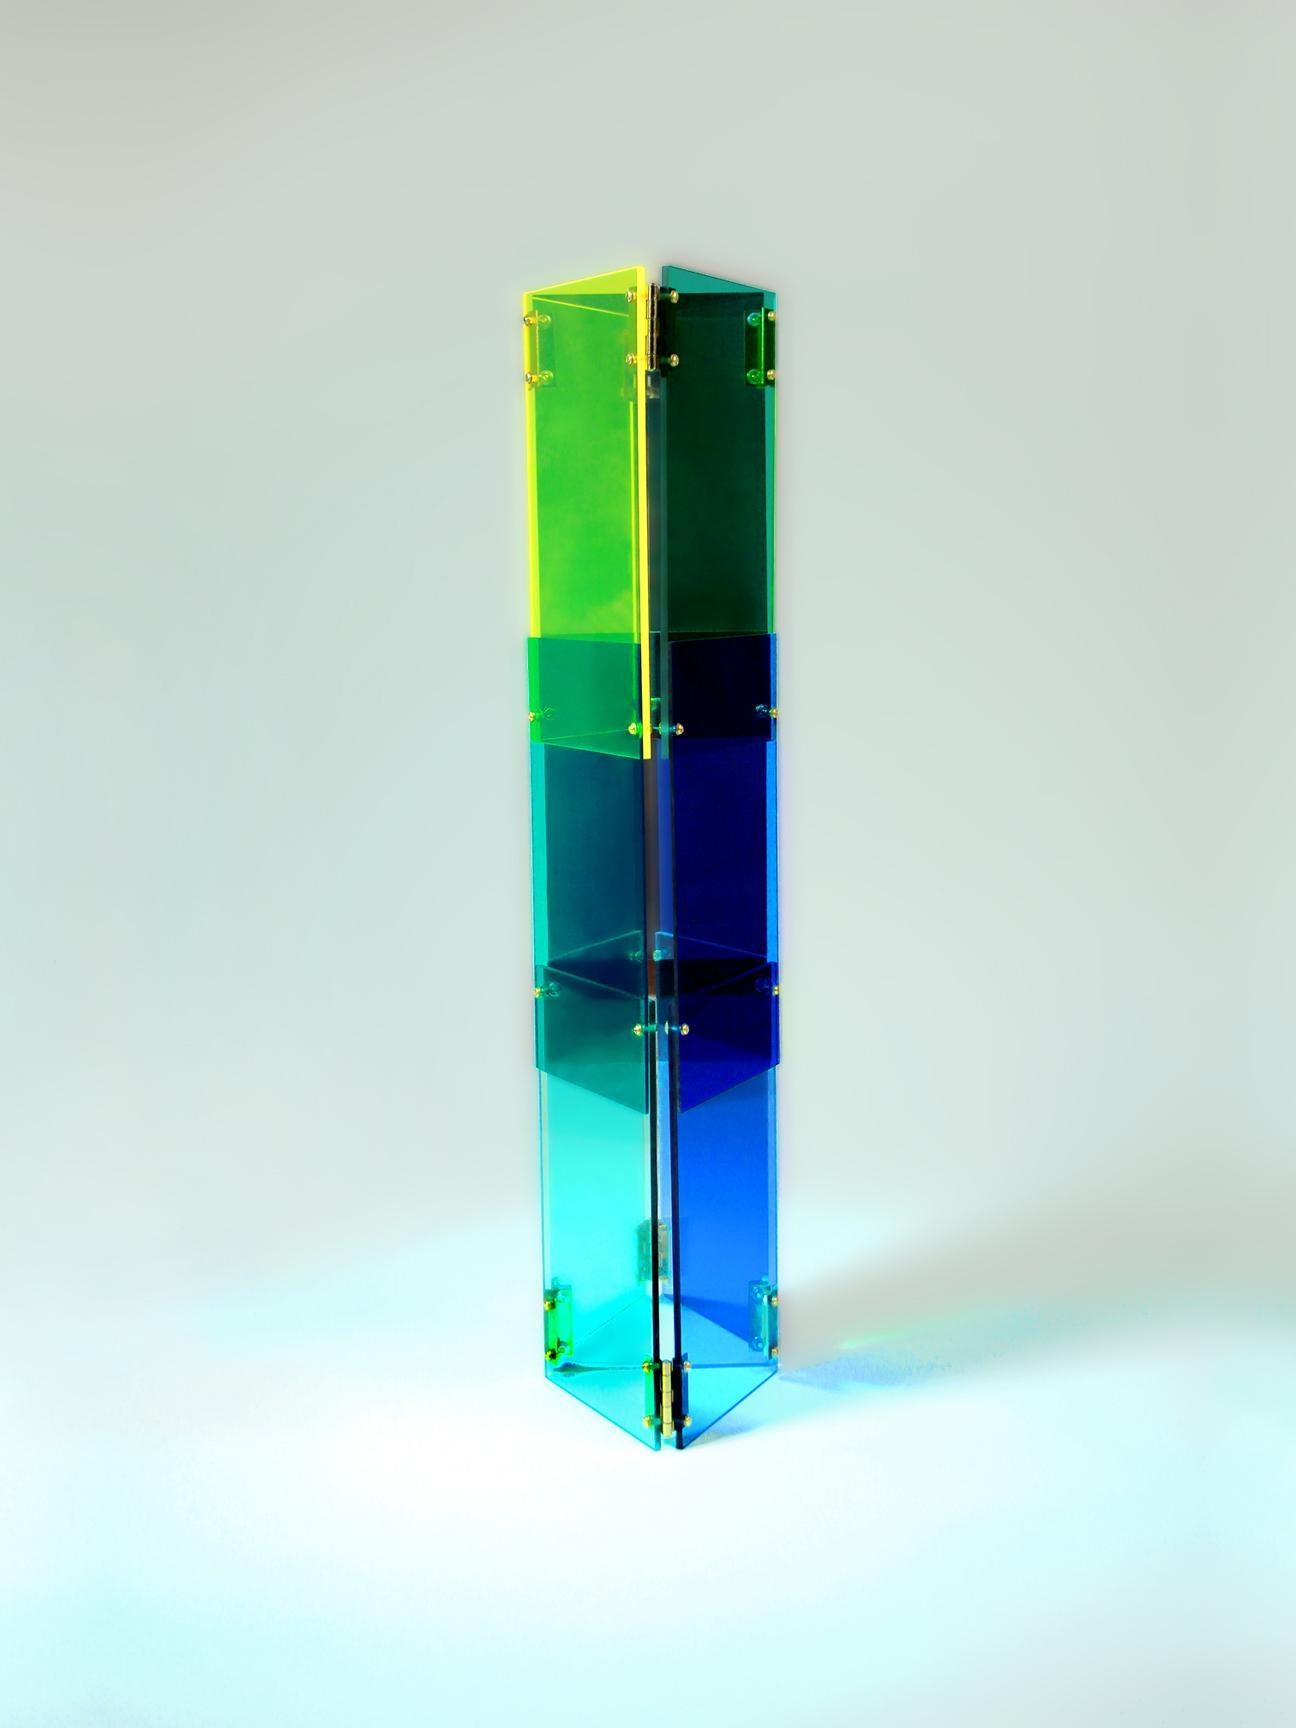 Babel 02 - Concrete Abstract Art Sculpture Color Geometric Minimalist Bauhaus